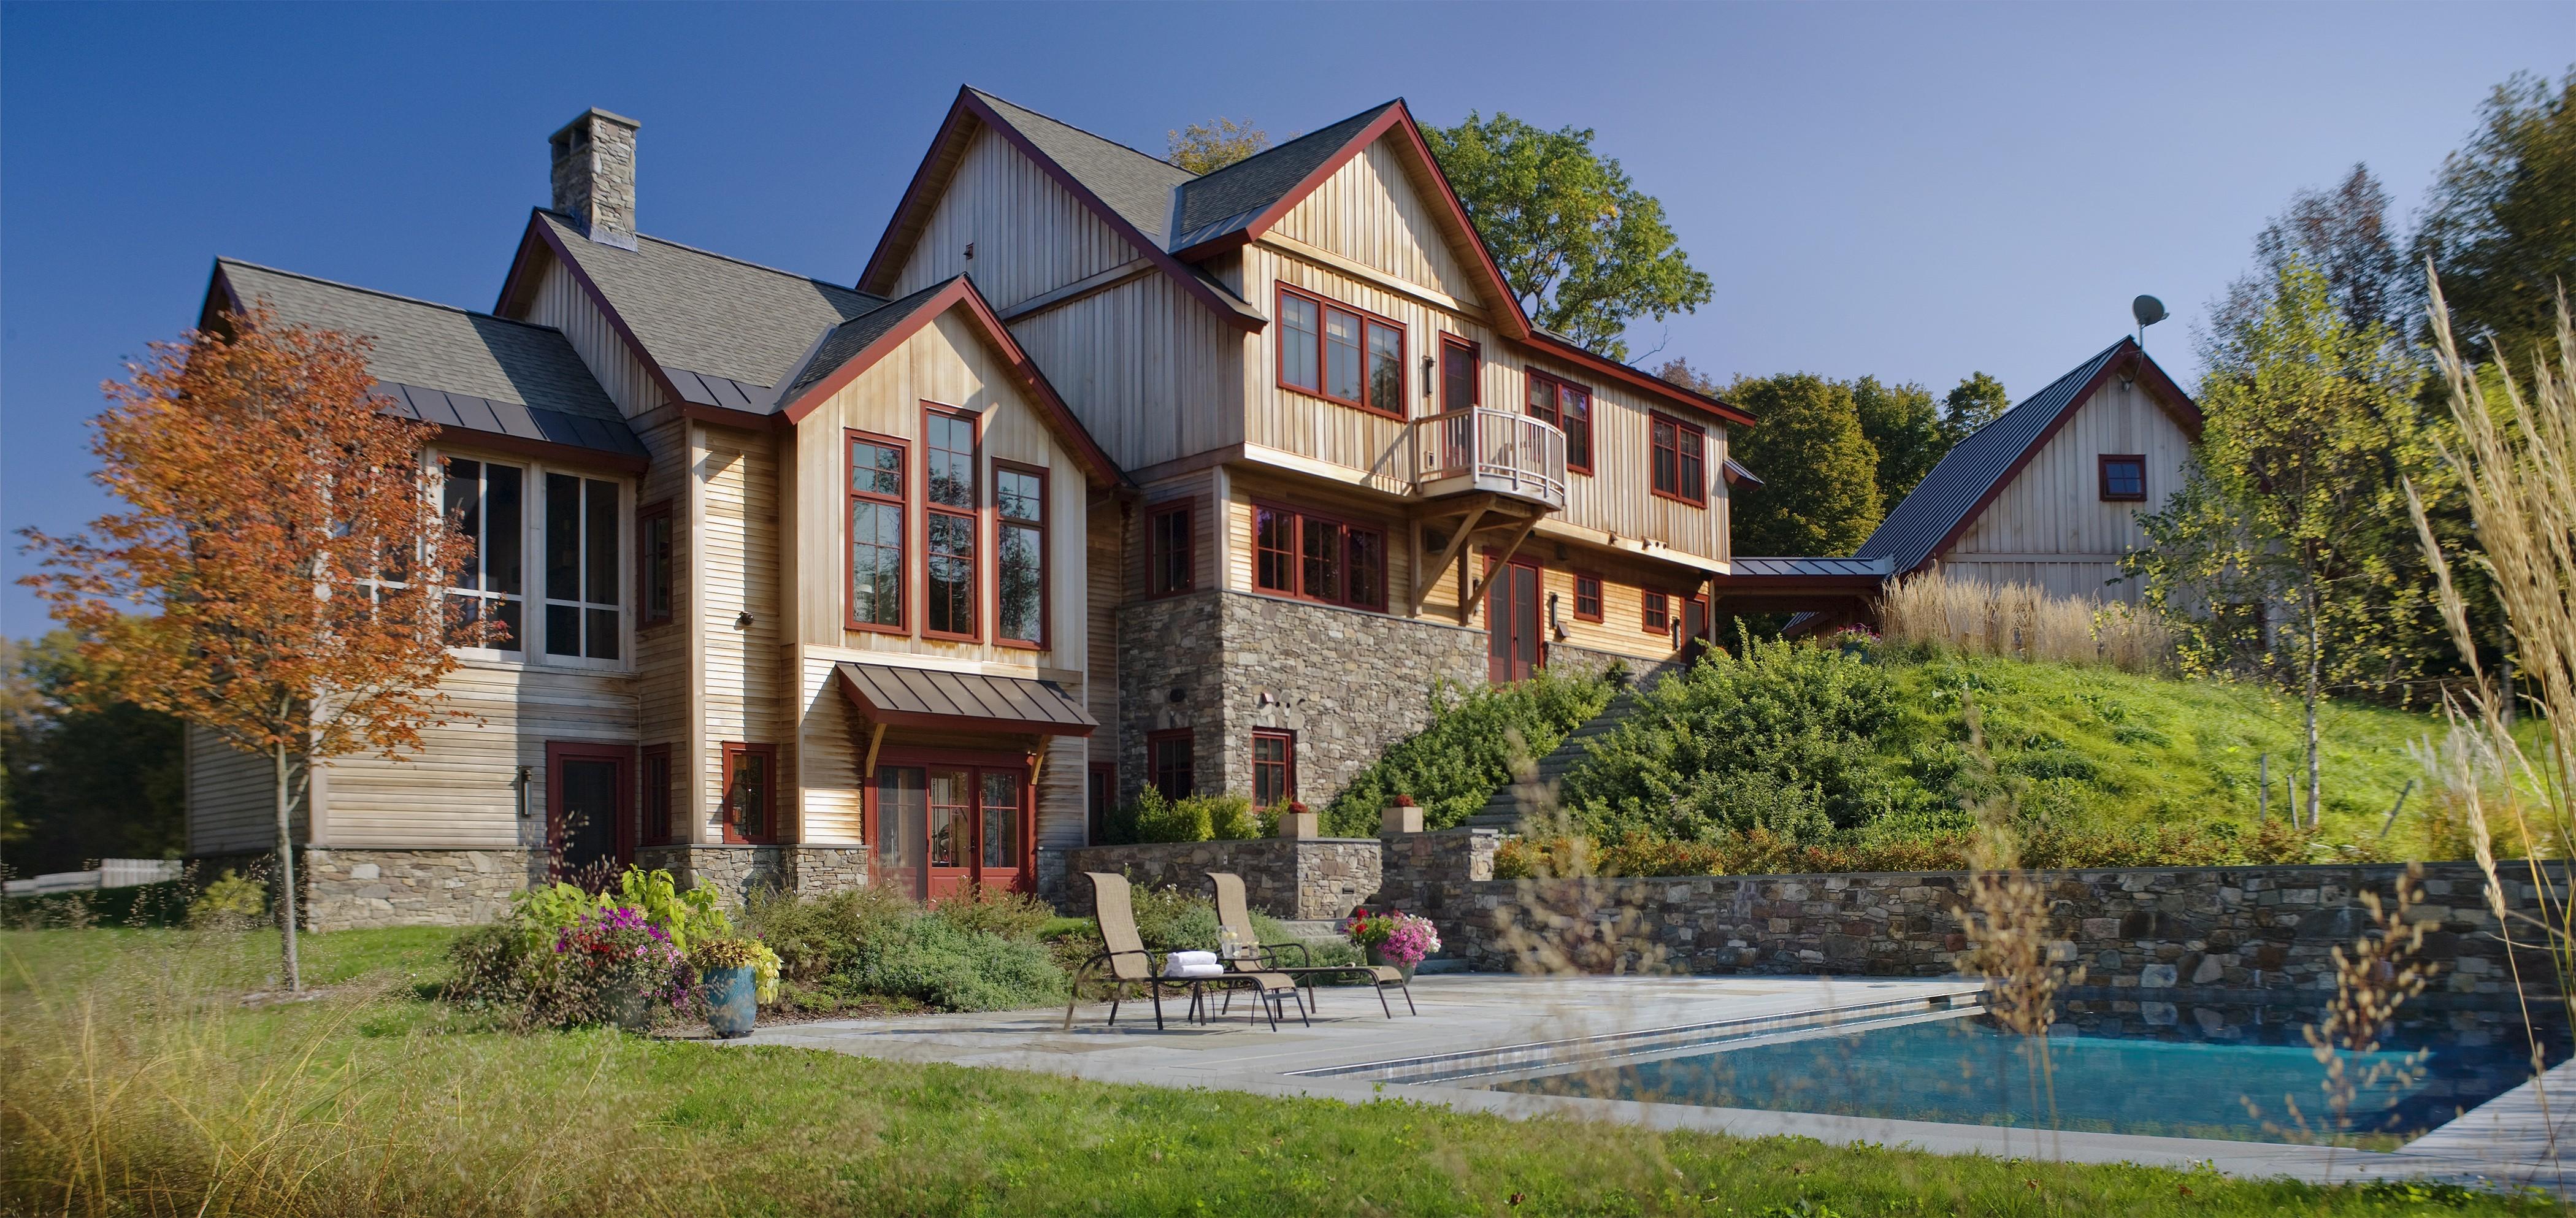 Best Custom Home Builders In Vermont